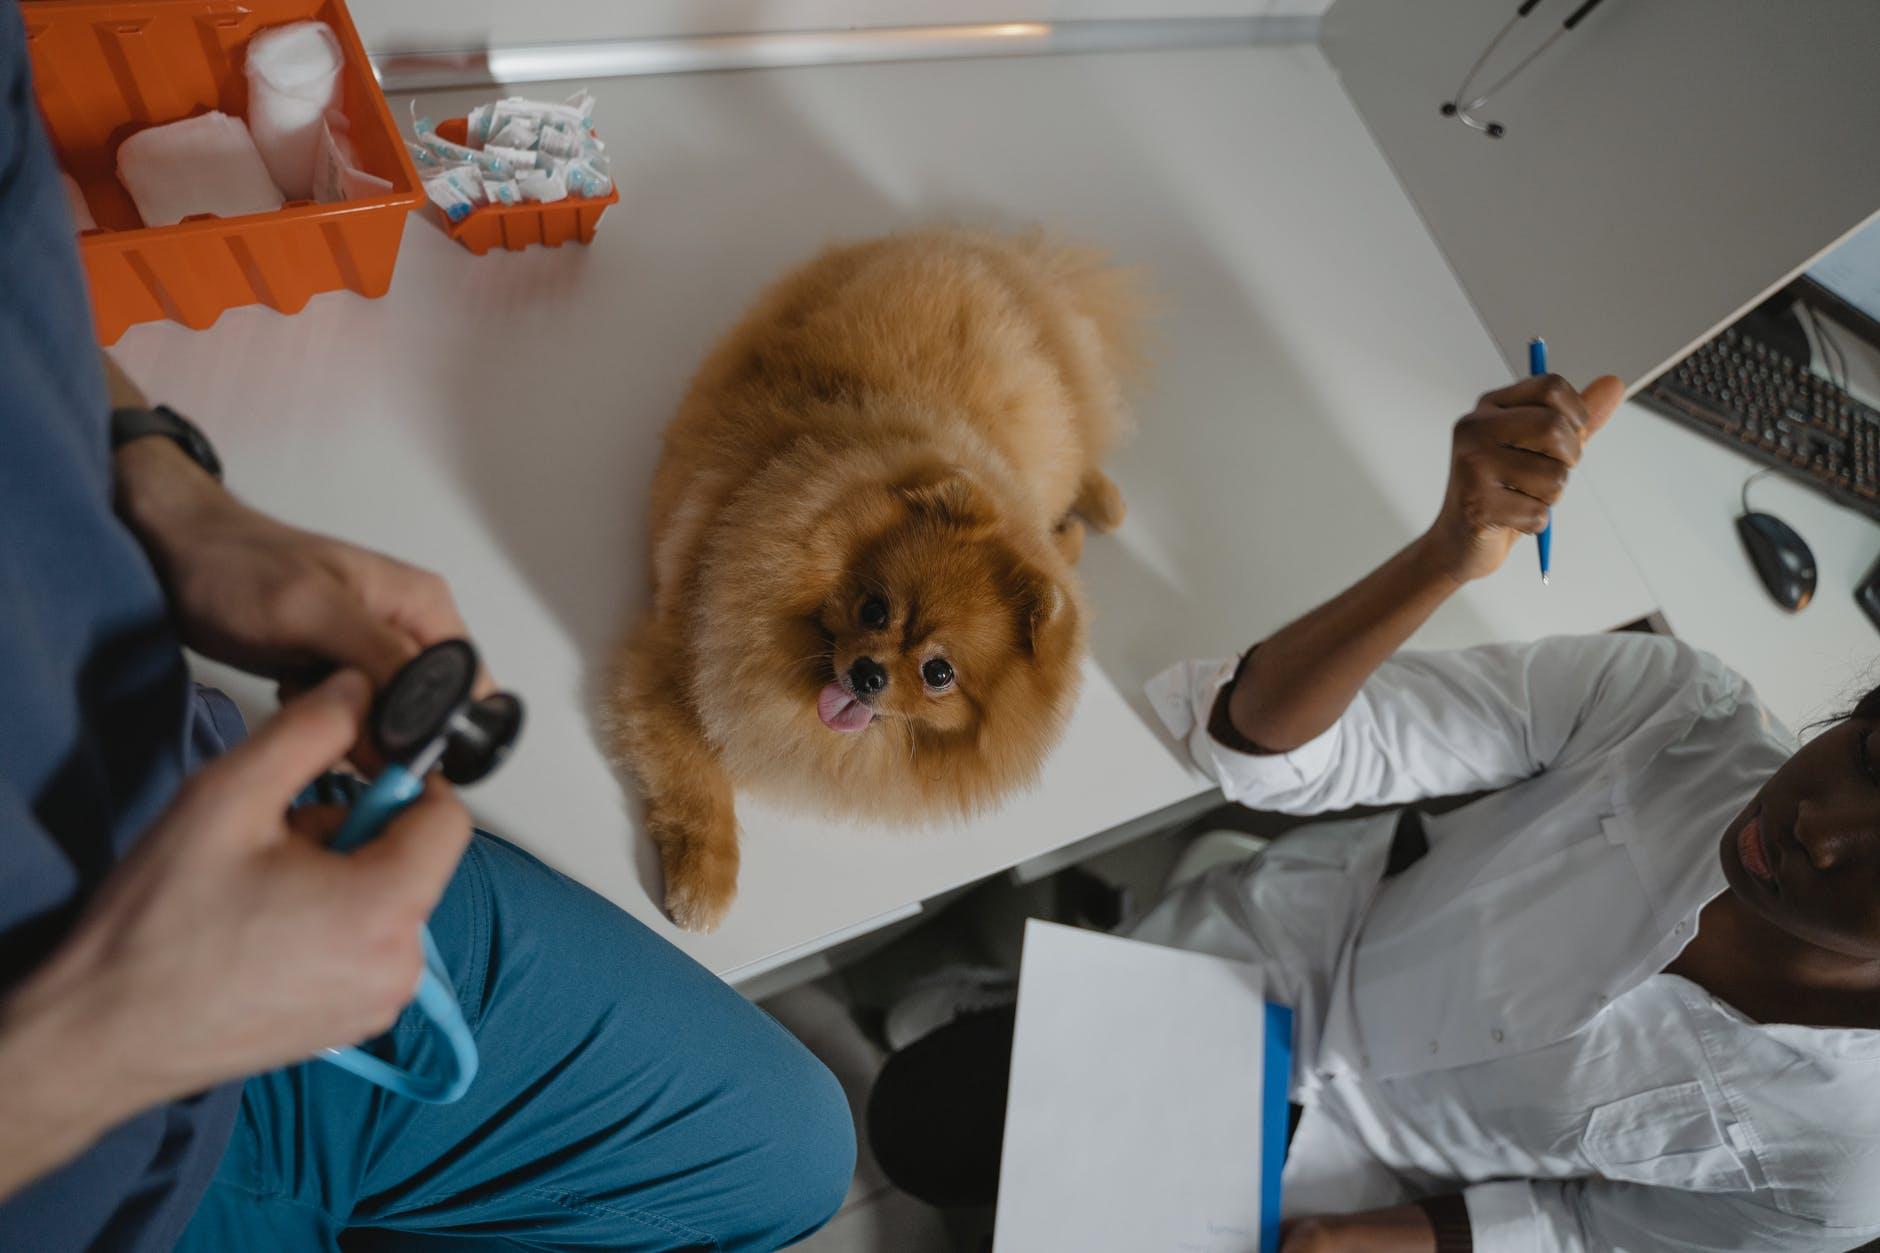 Distemper et autres maladies hivernales chez les chiens